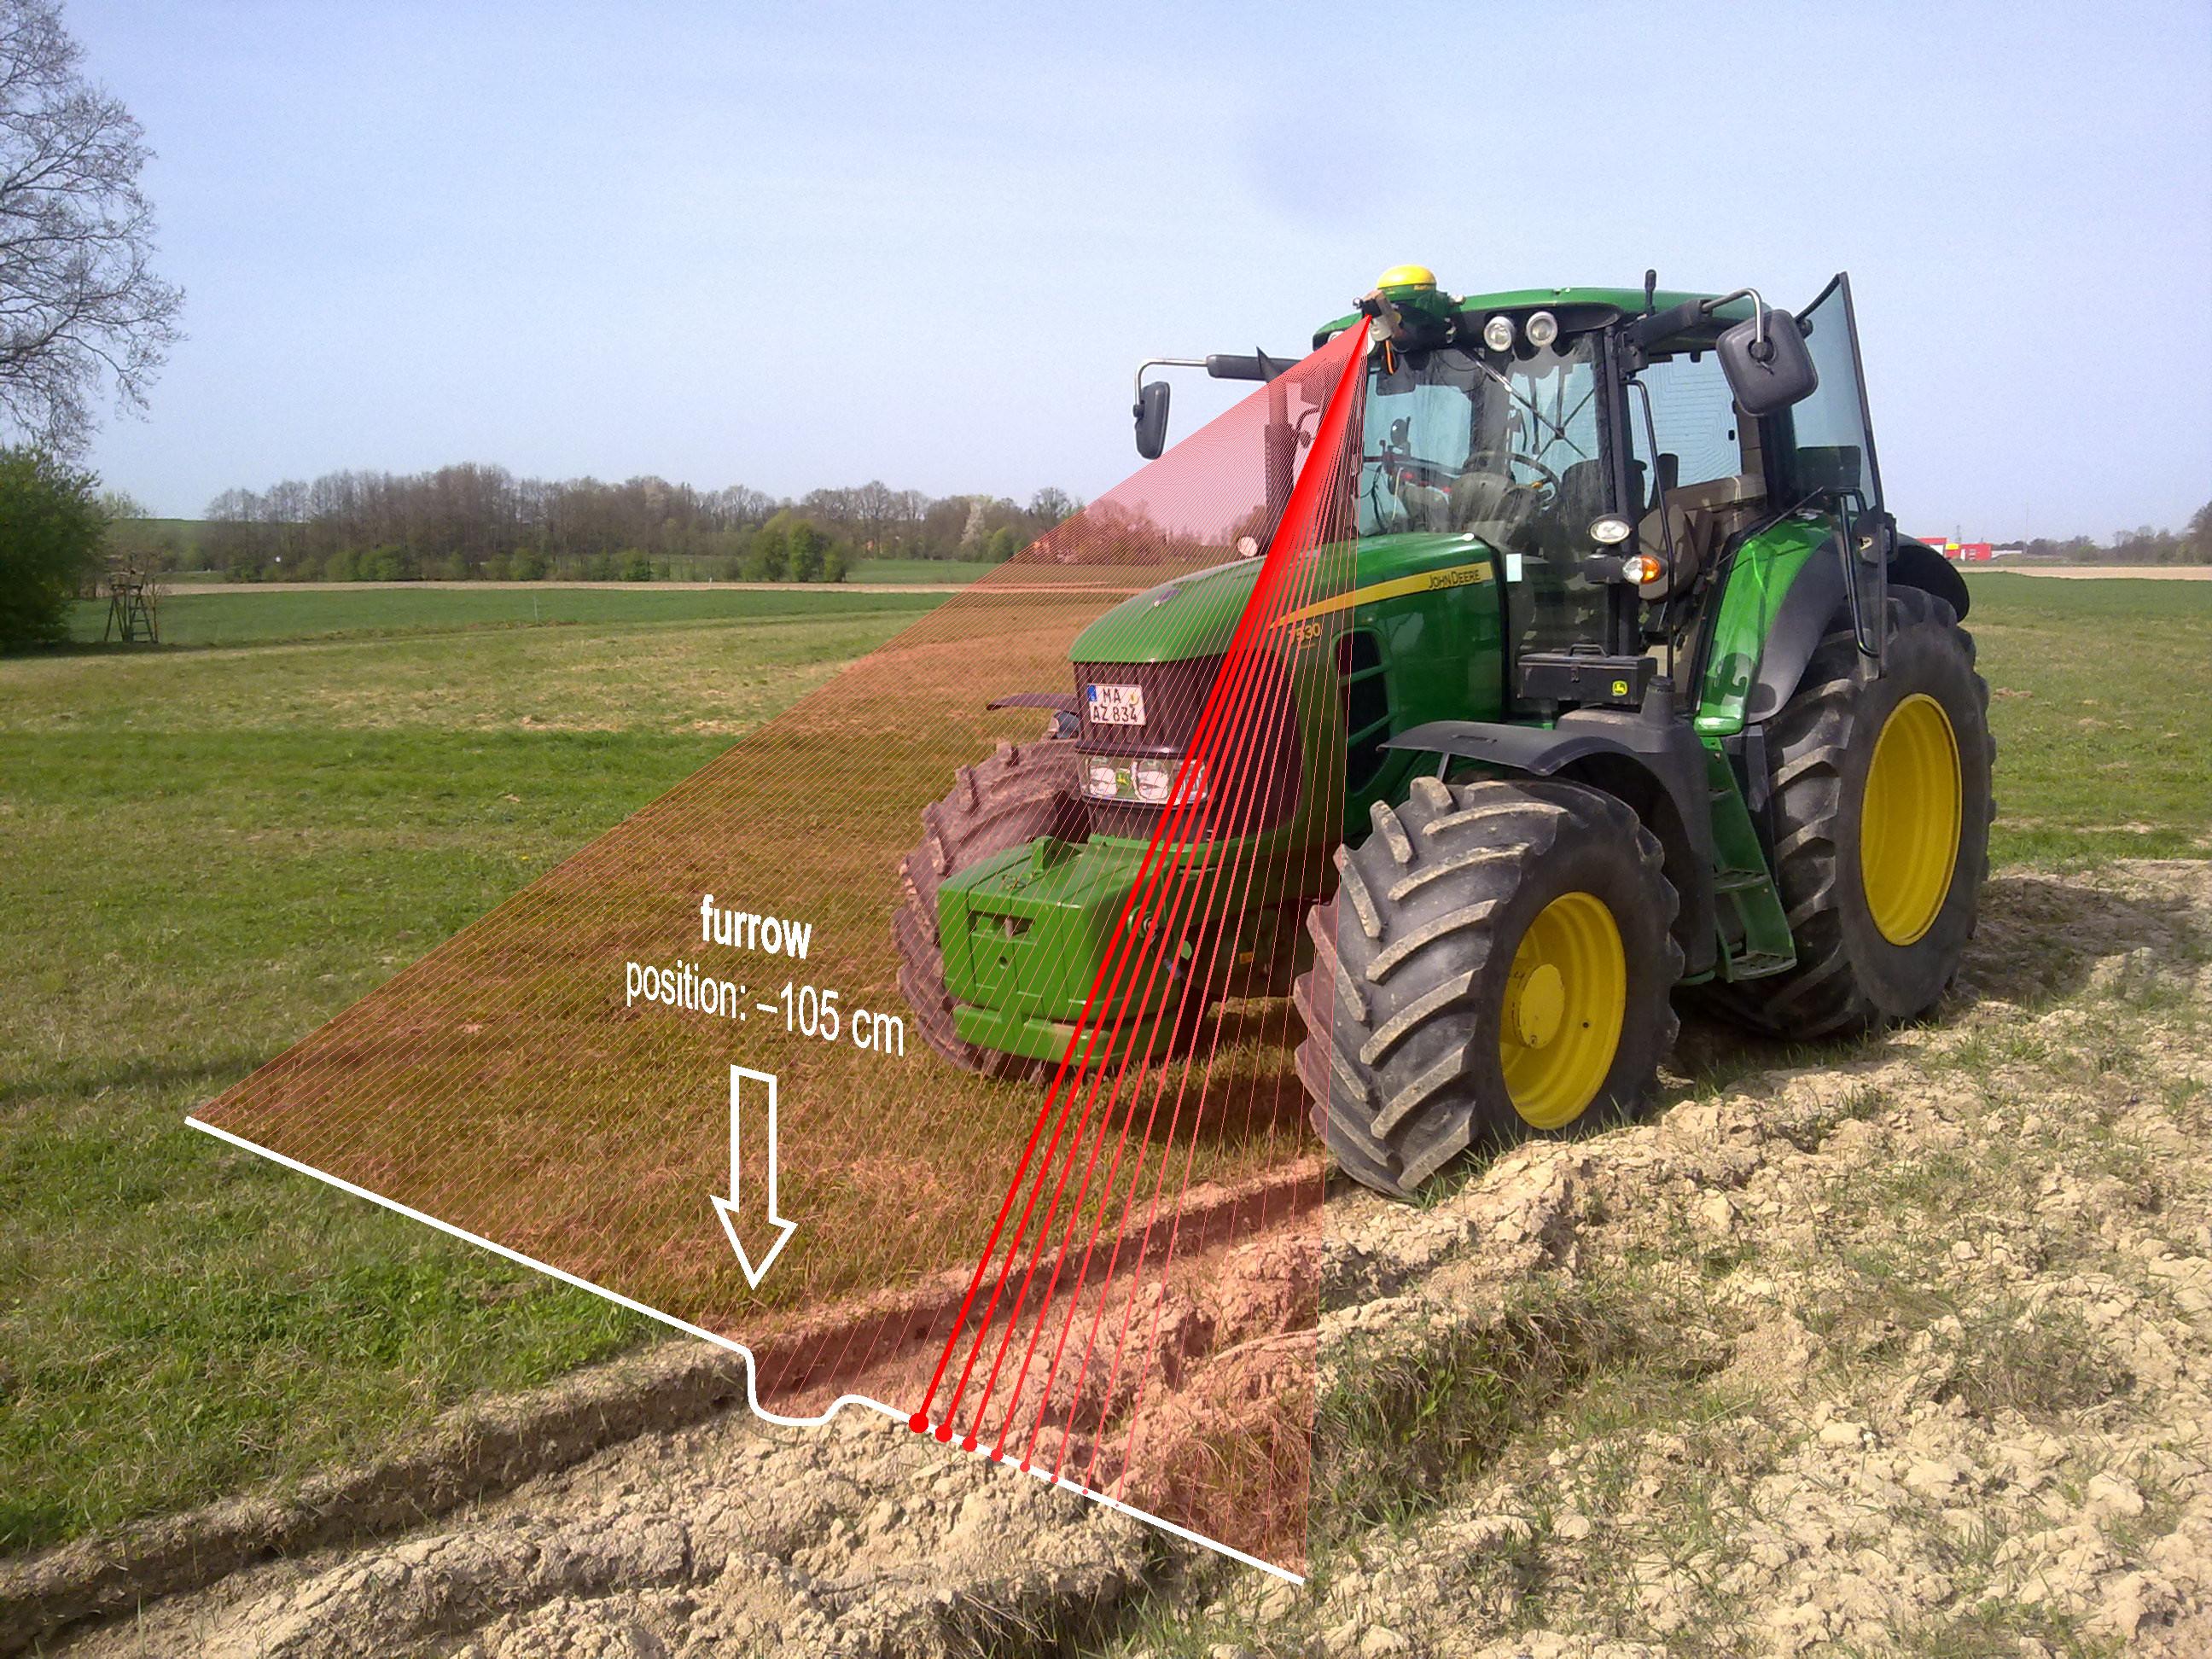 Fahrerassistenzsystem für landwirtschaftliche Fahrzeuge